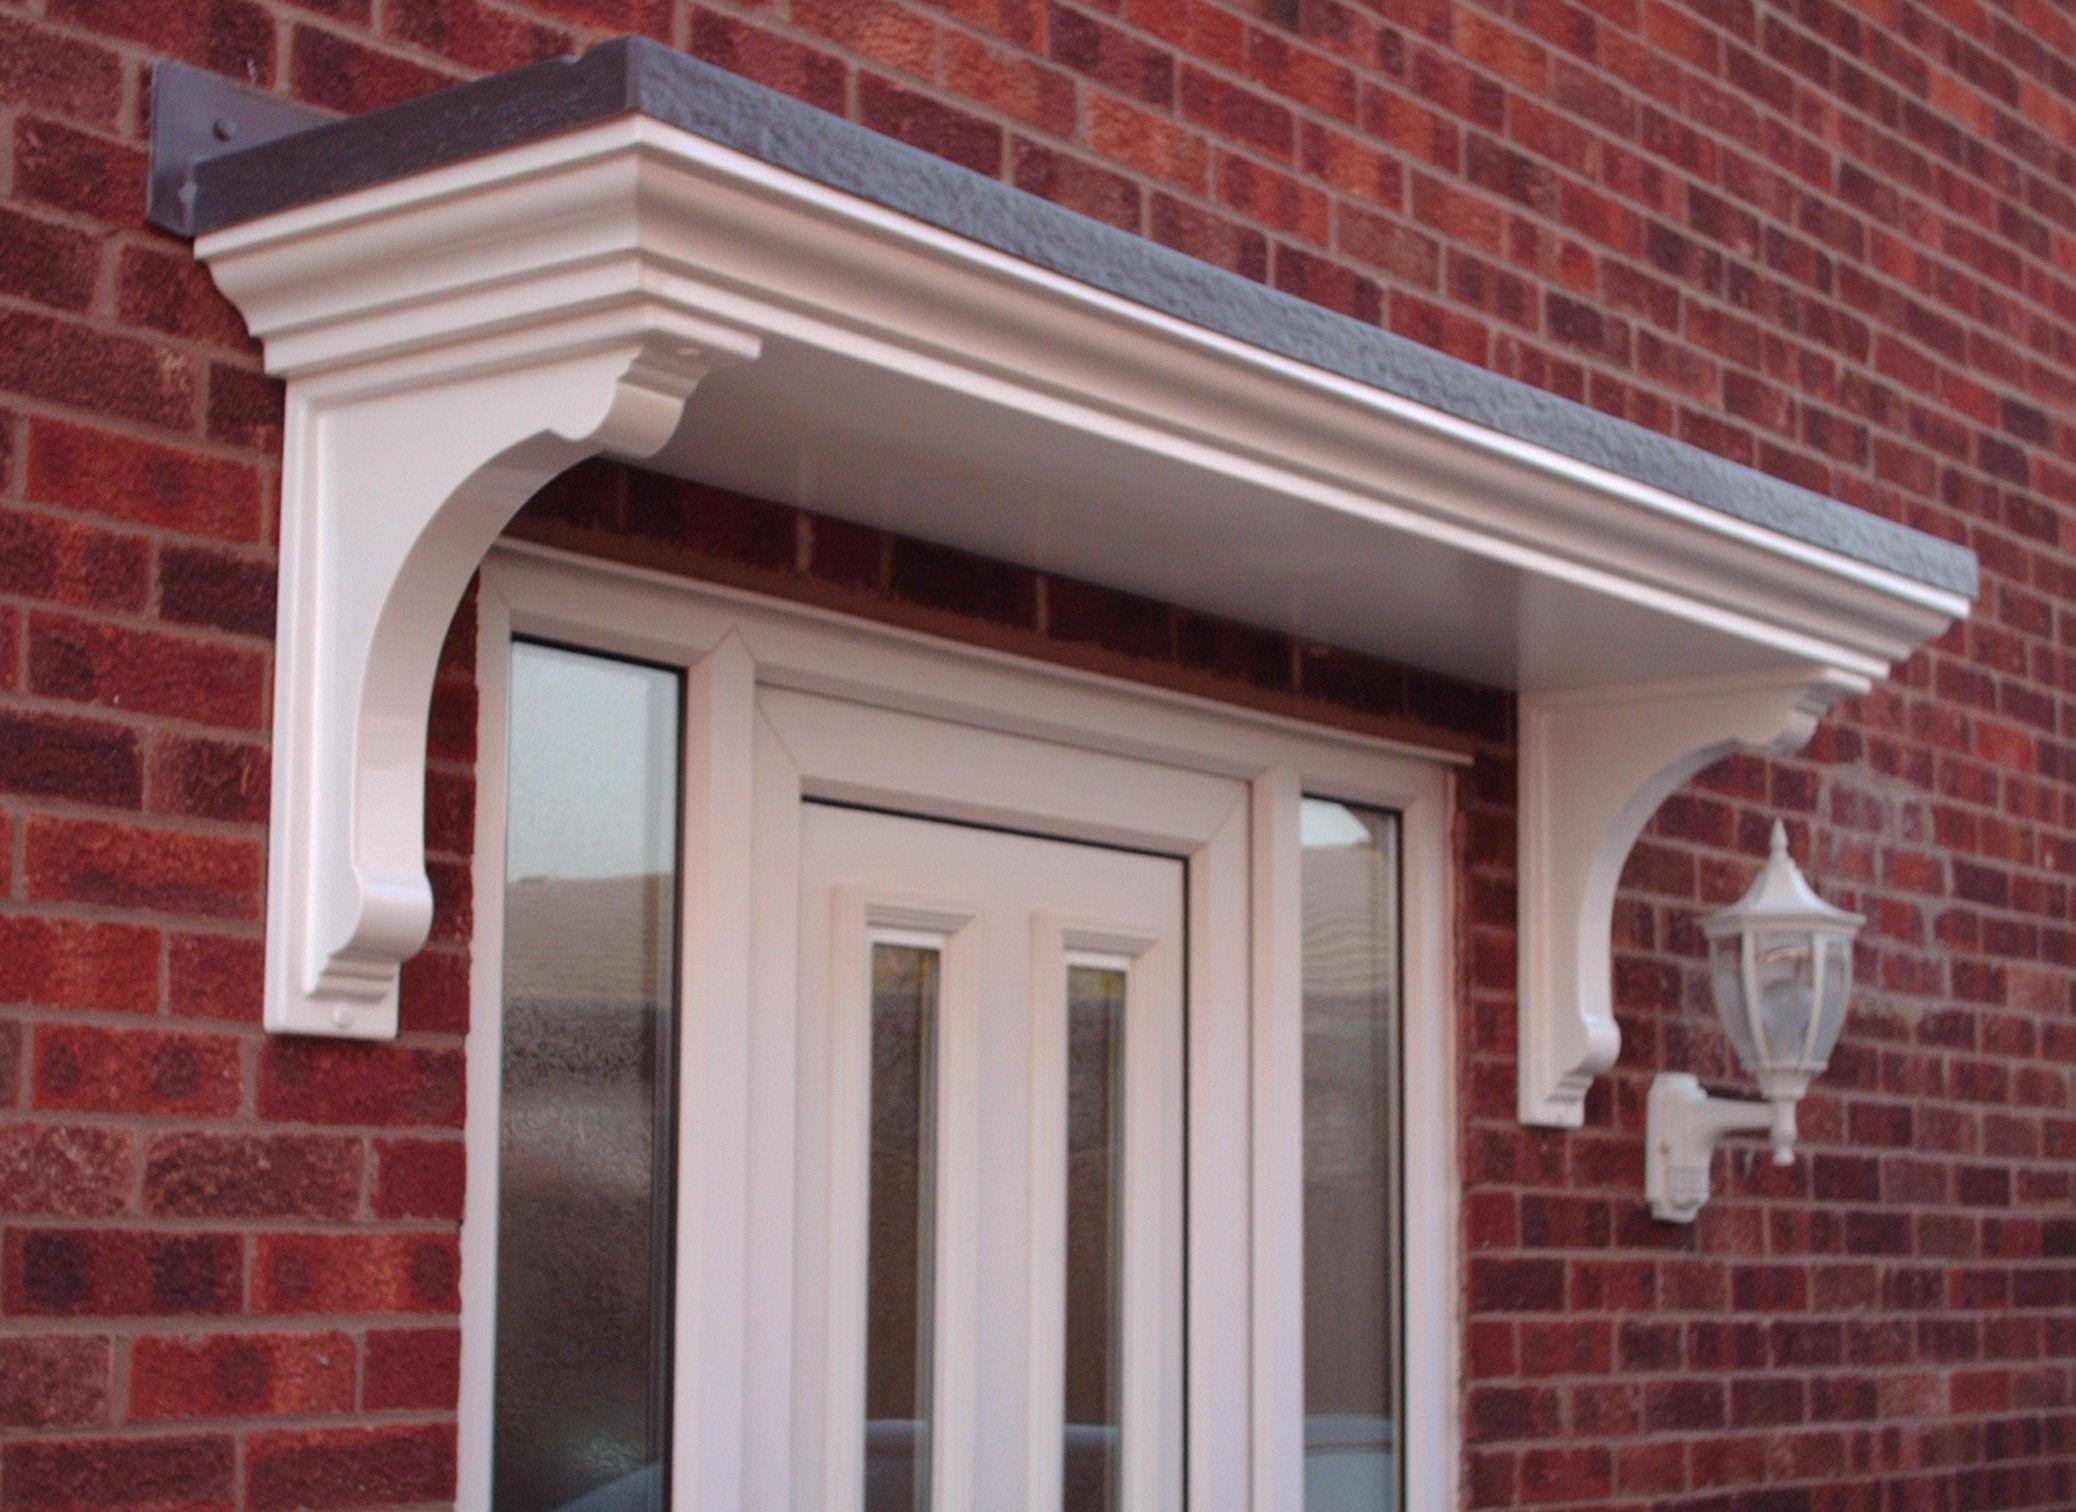 Window And Door Canopy : Outdoor Improvement Ideas - Keep Outside . & Window And Door Canopy : Outdoor Improvement Ideas - Keep Outside ... Pezcame.Com